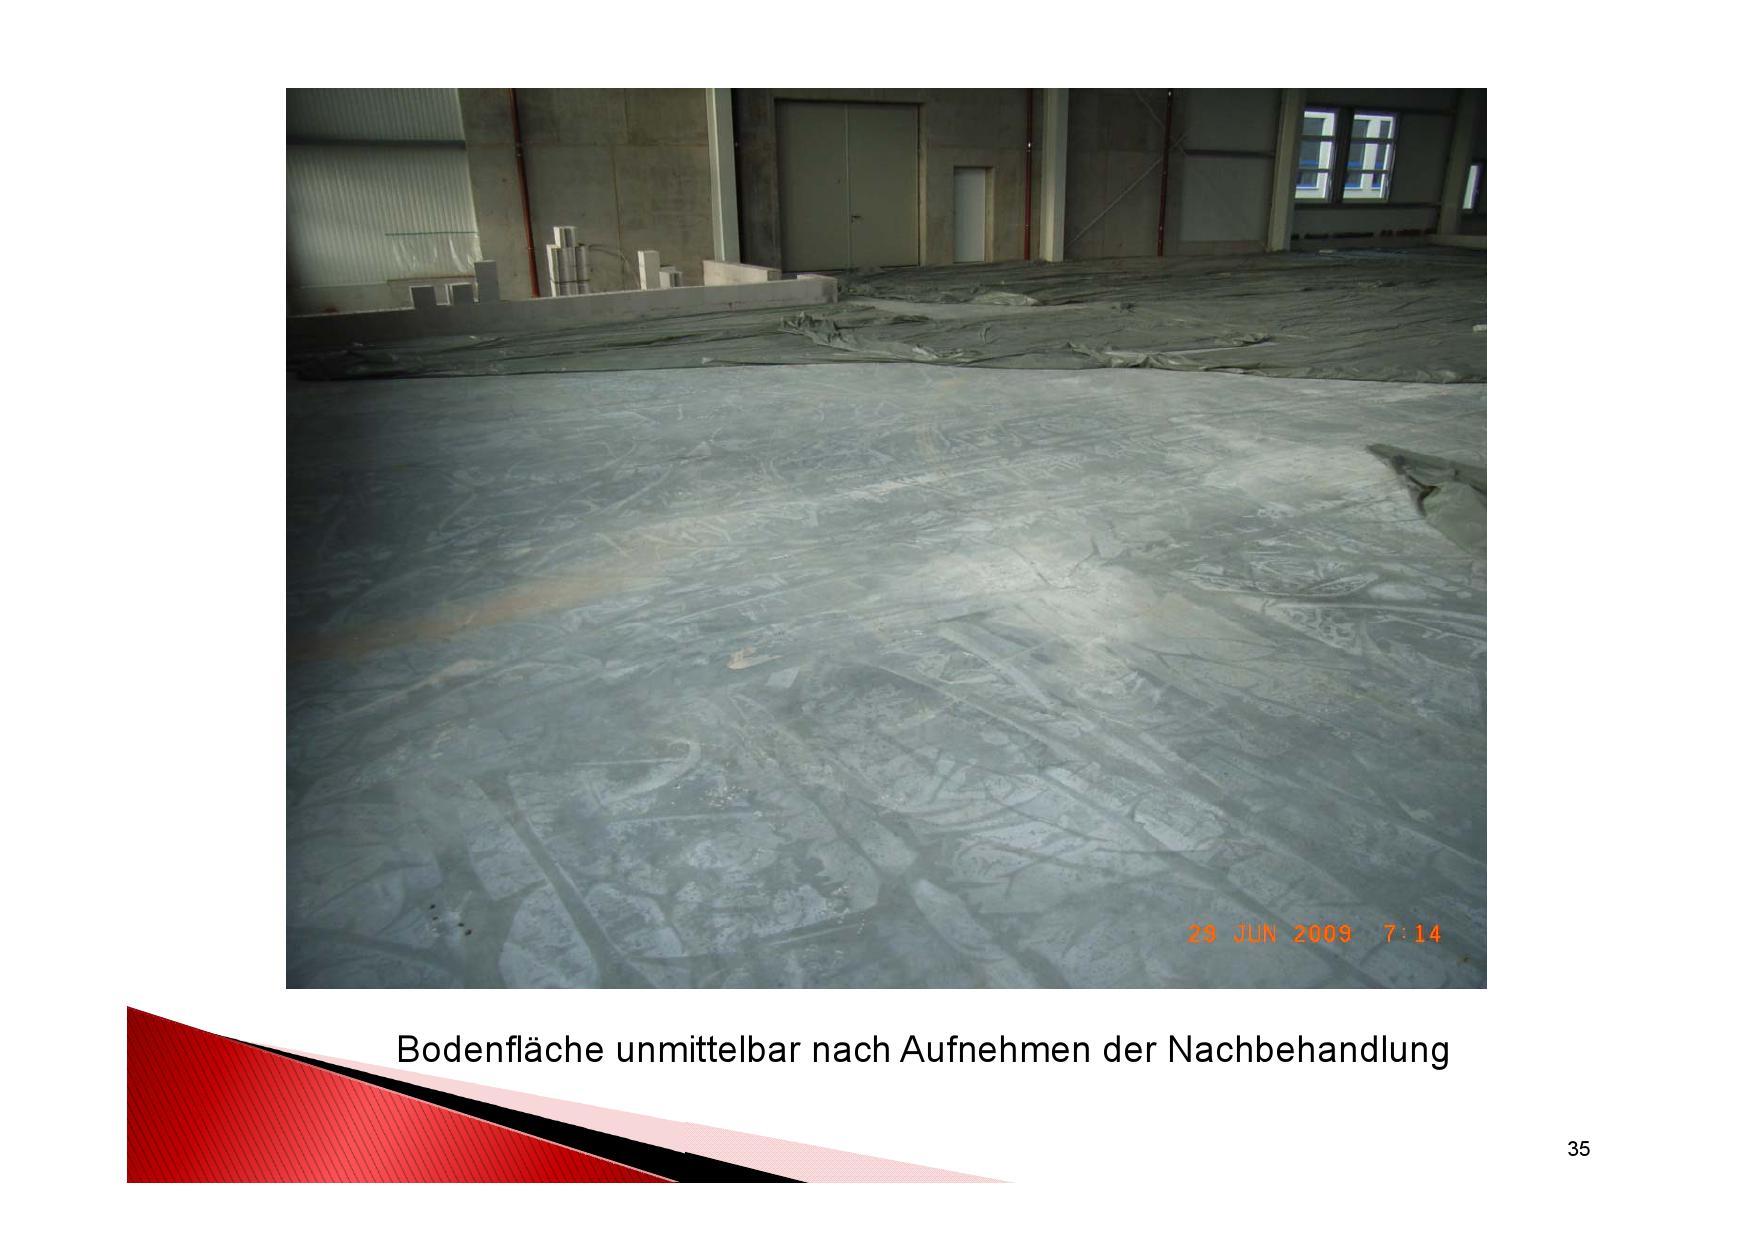 Industrieboden Herstellung: Bodenfläche unmittelbar nach Aufnehmen der Nachbegandlung